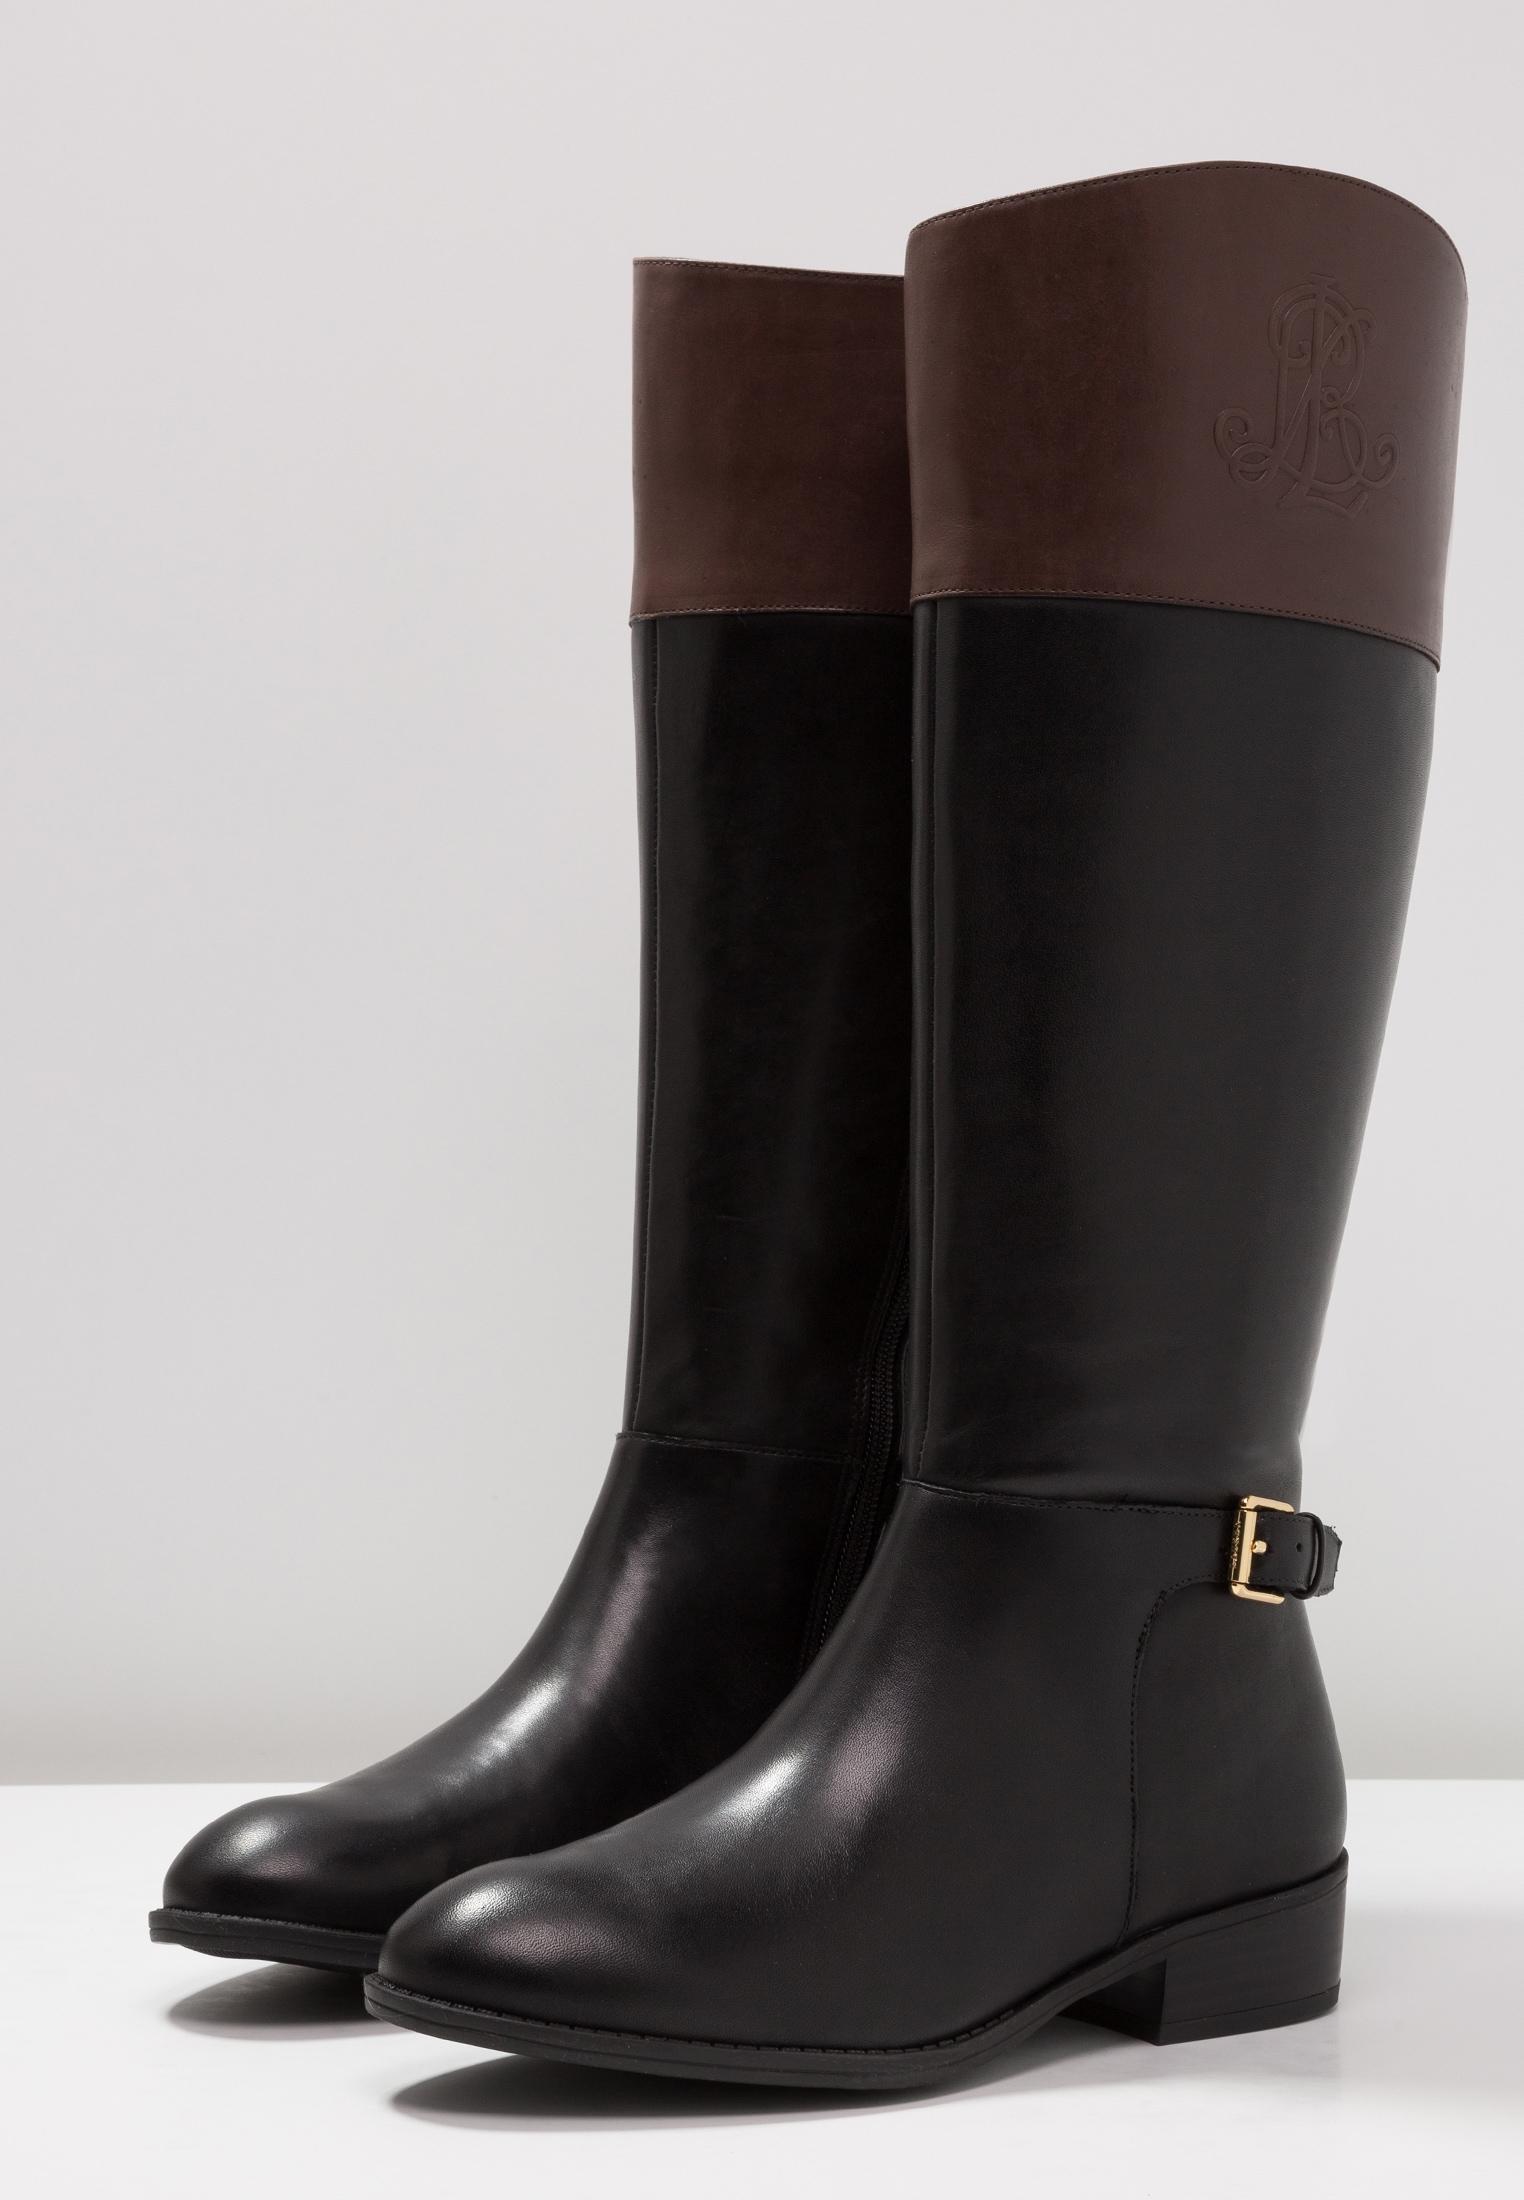 8c055334f91812 Lauren by Ralph Lauren Frauen Madisen Pumps rund Leder Fashion Stiefel  Schwarz G